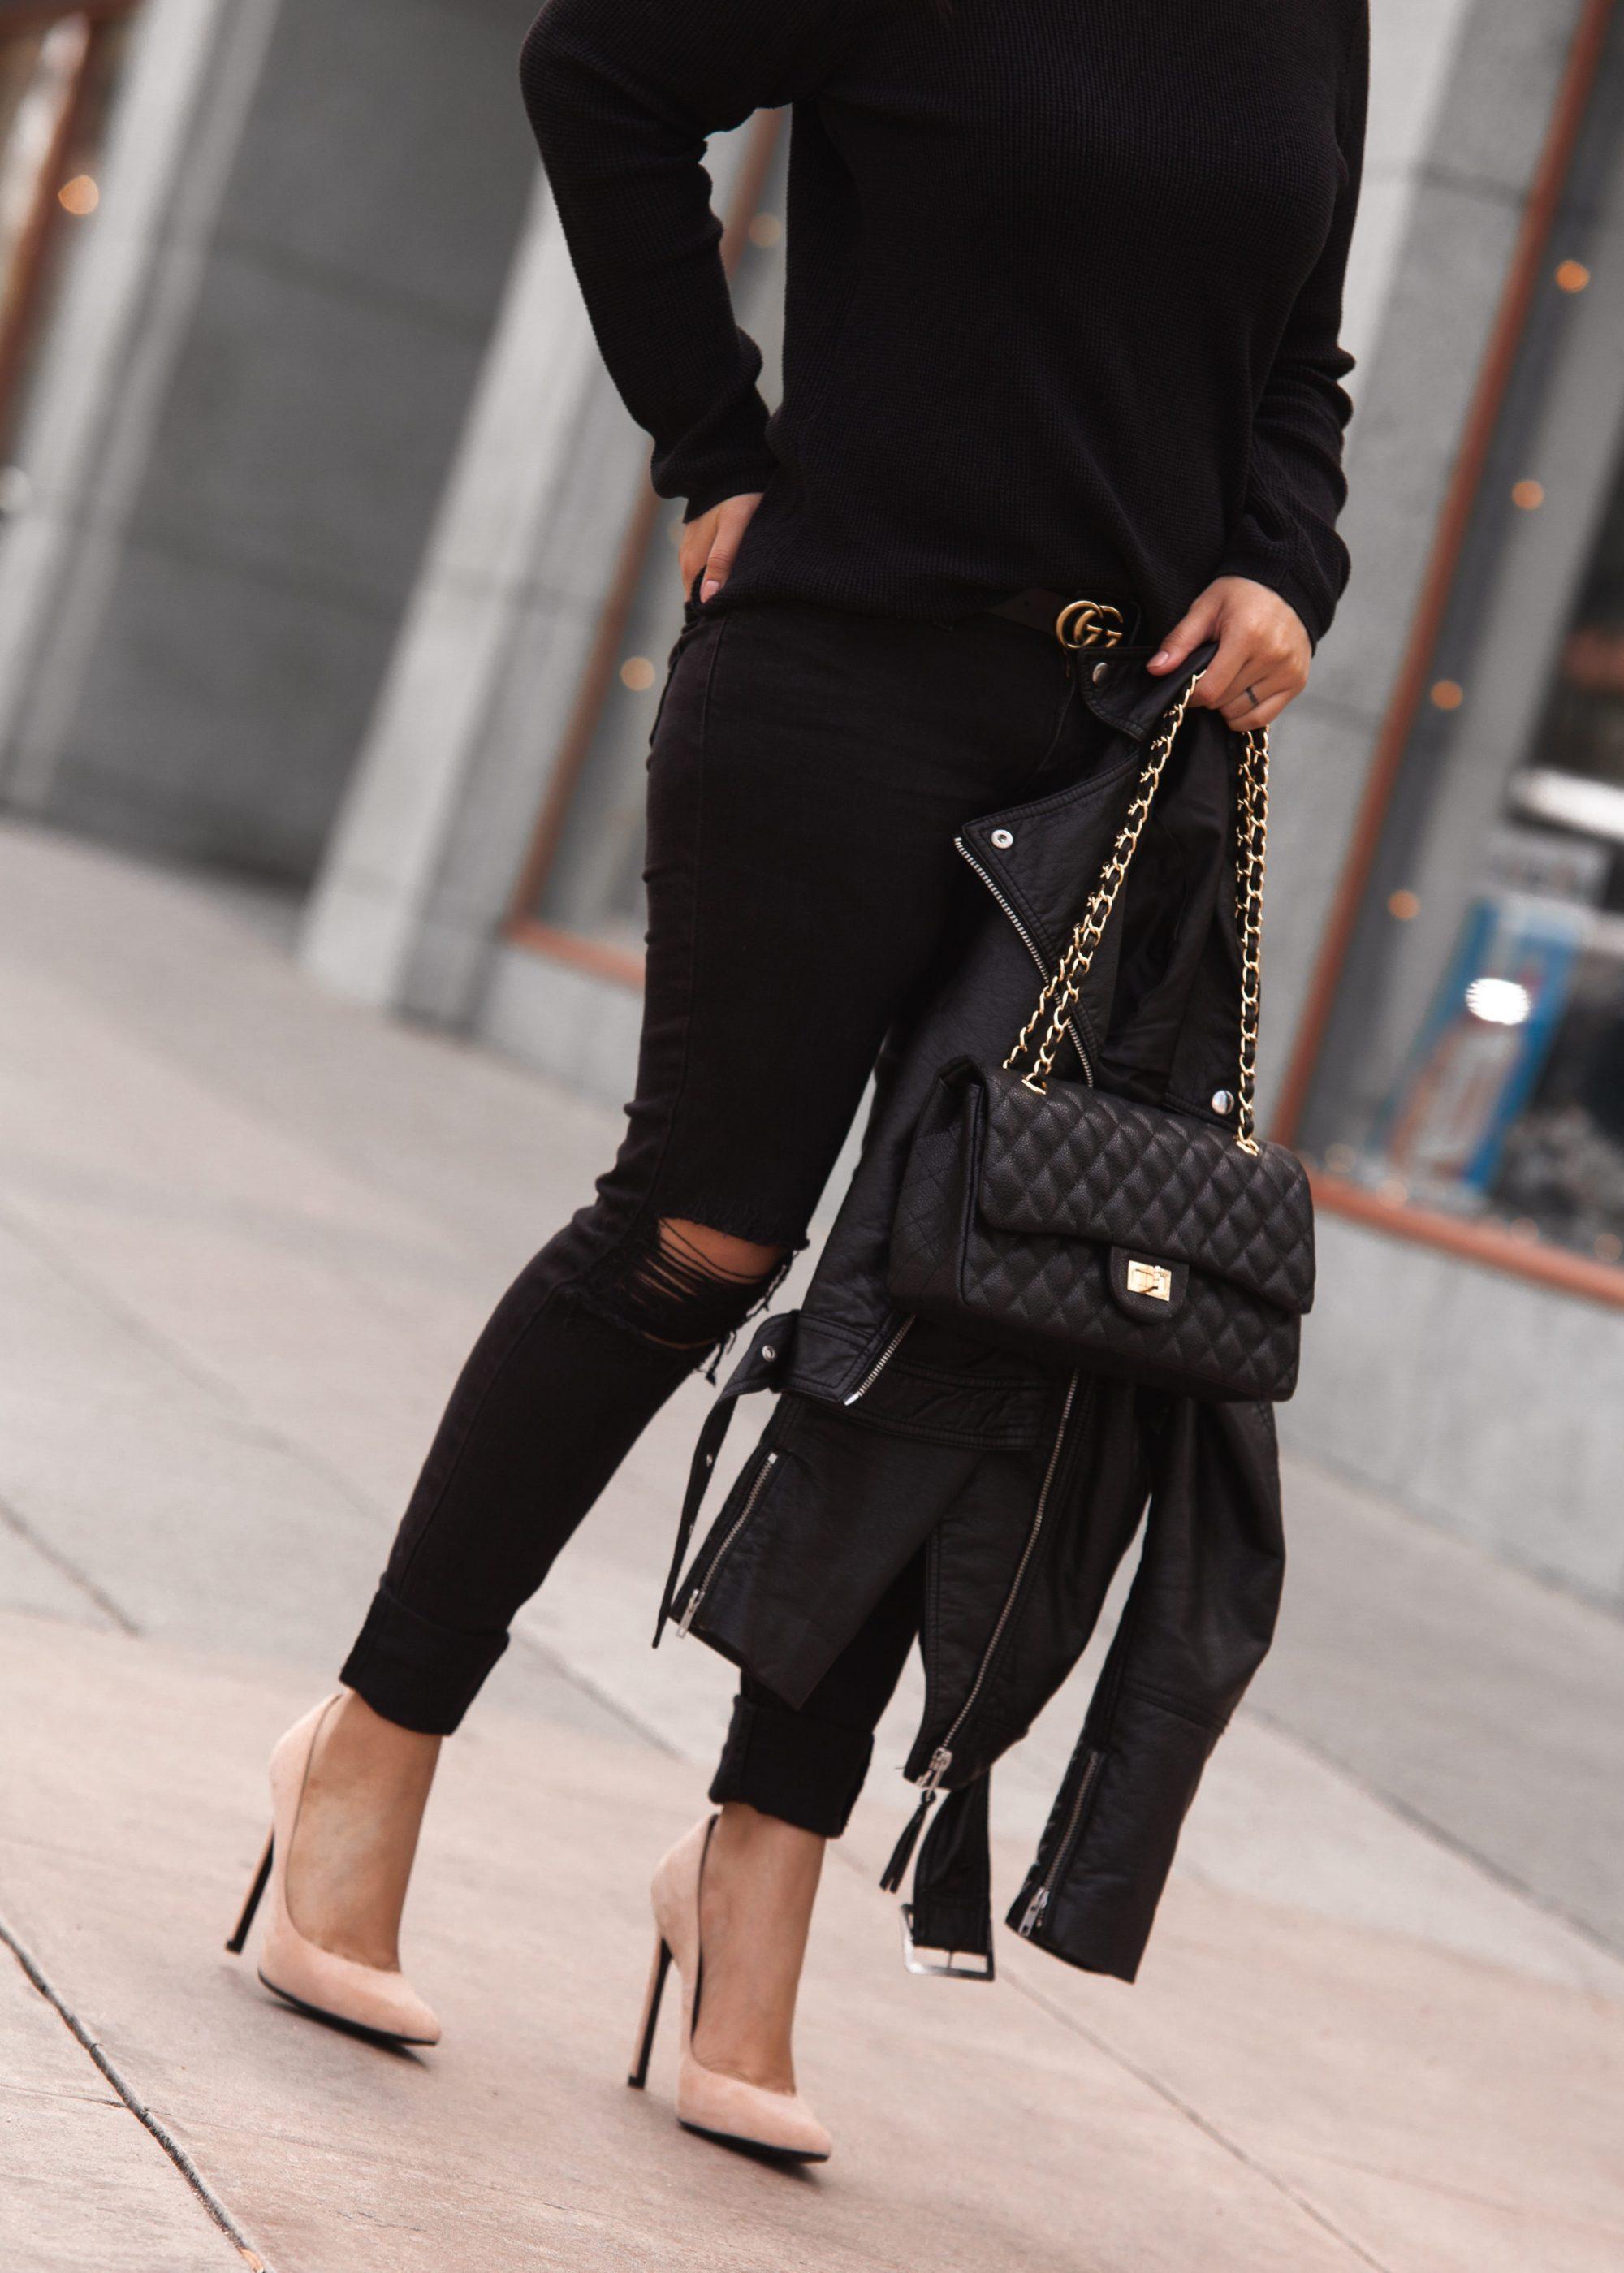 Stuart Weitzman 110 cm Suede Queen Heels: Originally $385, now $231, reduced $184.80 after extra 20% off. - www.theballeronabudget.com